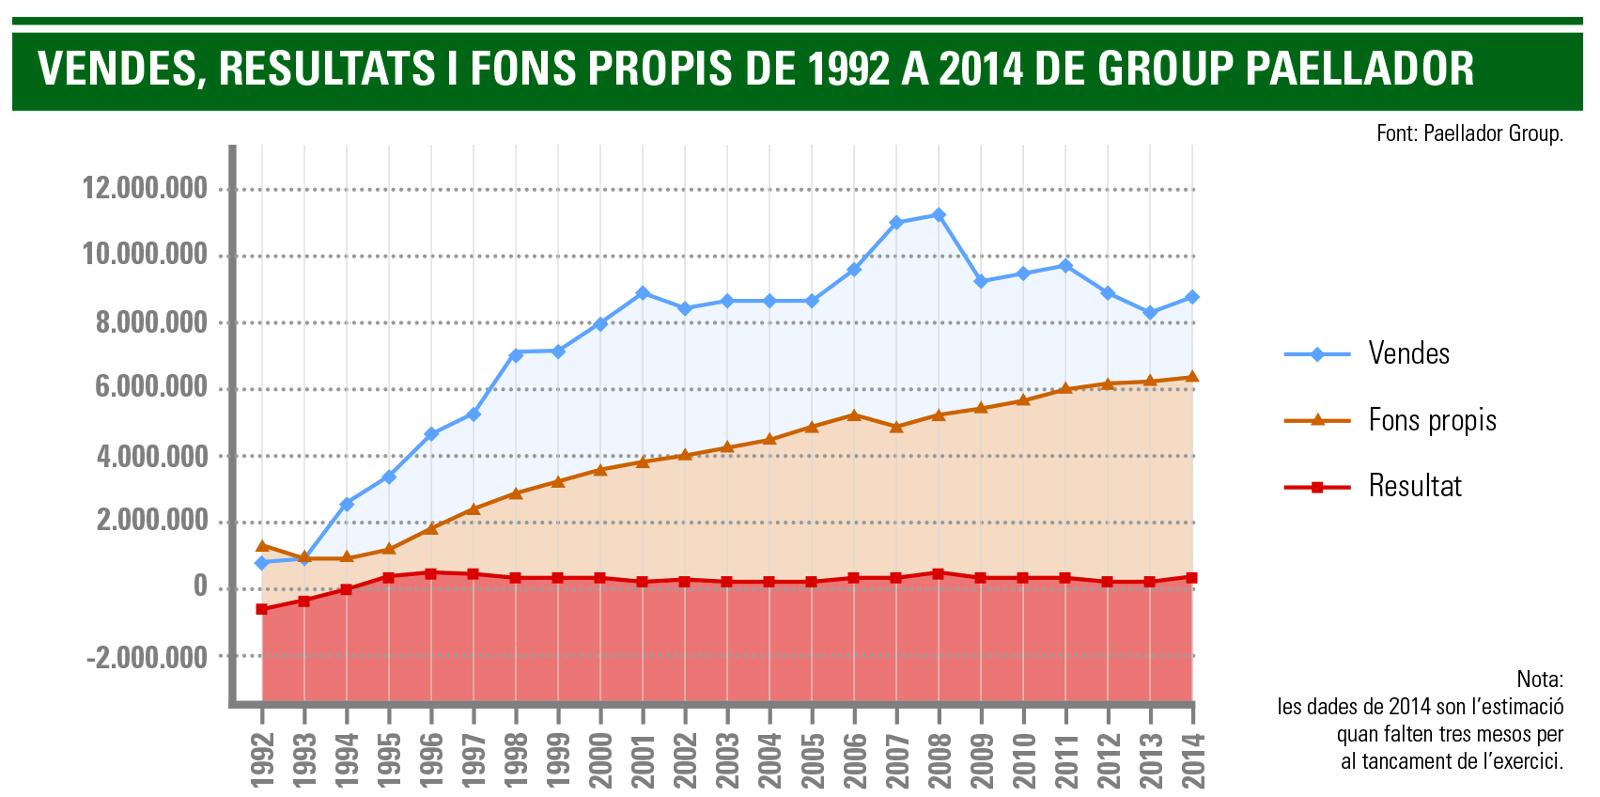 Vendes: Resultats i fons propis de 1992 a 2014 de Group Paellador